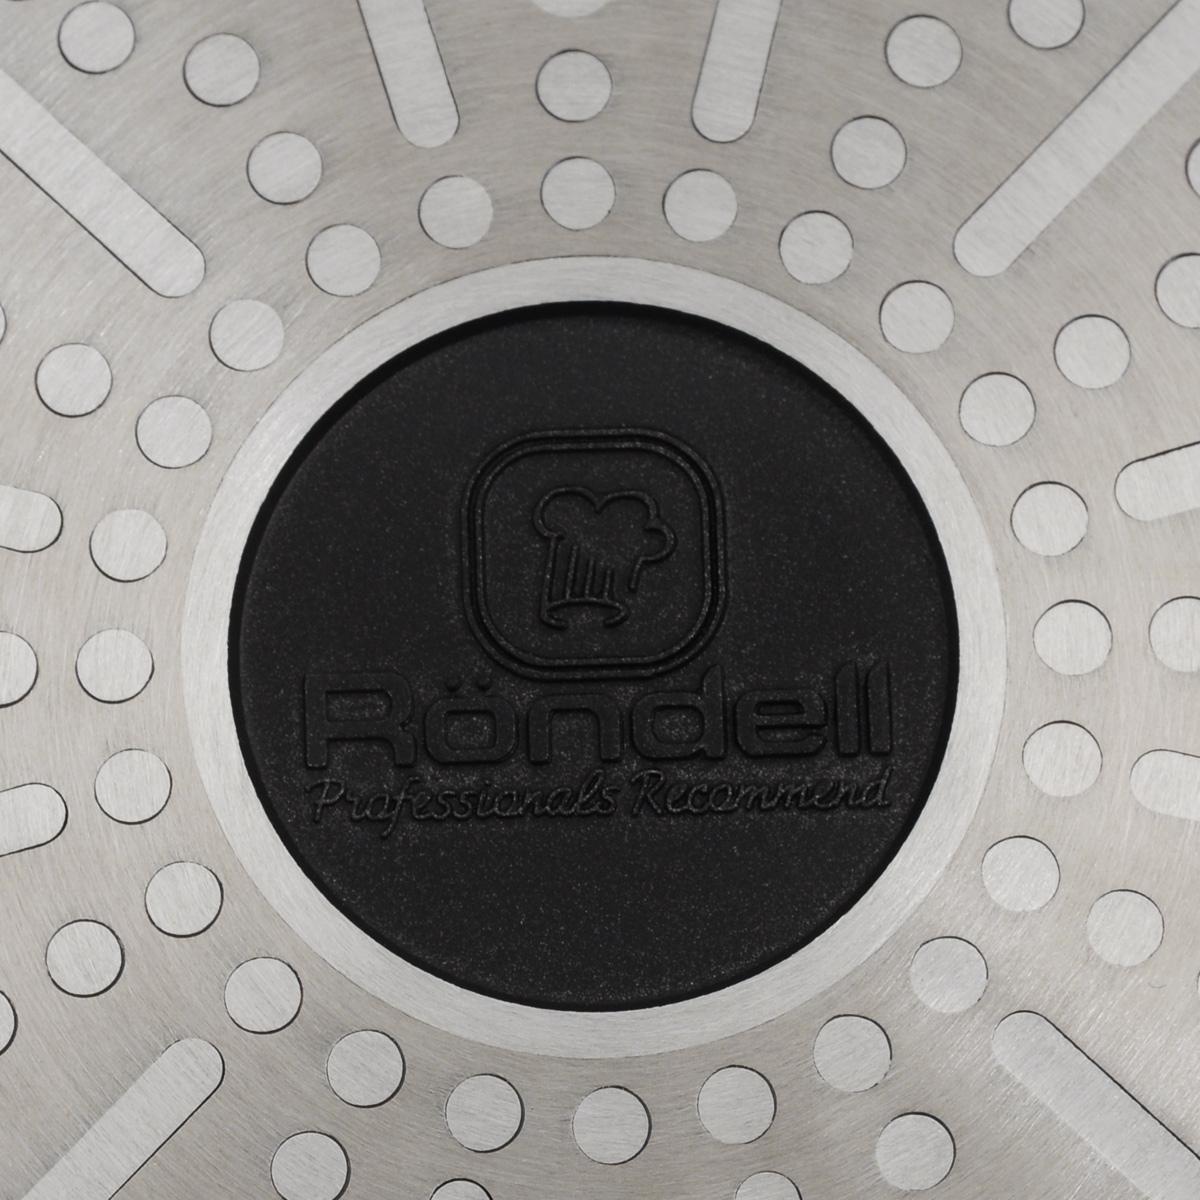 """Сковорода Rondell """"Zest"""" выполнена из литого алюминия с трехслойным антипригарным  покрытием TriTitan. Благодаря утолщенным стенкам и дну изделие прекрасно сохраняет   температуру и идеально подходит для блюд, требующих длительного времени приготовления.  Можно использовать металлические лопатки. Легко моется. Ручка из натурального бука  безопасна в использовании и оснащена отверстием для подвешивания.  Подходит для всех типов плит, включая индукционных. Не рекомендуется мыть в посудомоечной  машине.  Диаметр сковороды (по верхнему краю): 26 см.  Высота стенки: 5,5 см.  Длина ручки: 20 см.  Диаметр основания: 18,5 см.  Толщина стенок: 4 мм.  Толщина дна: 4 мм."""